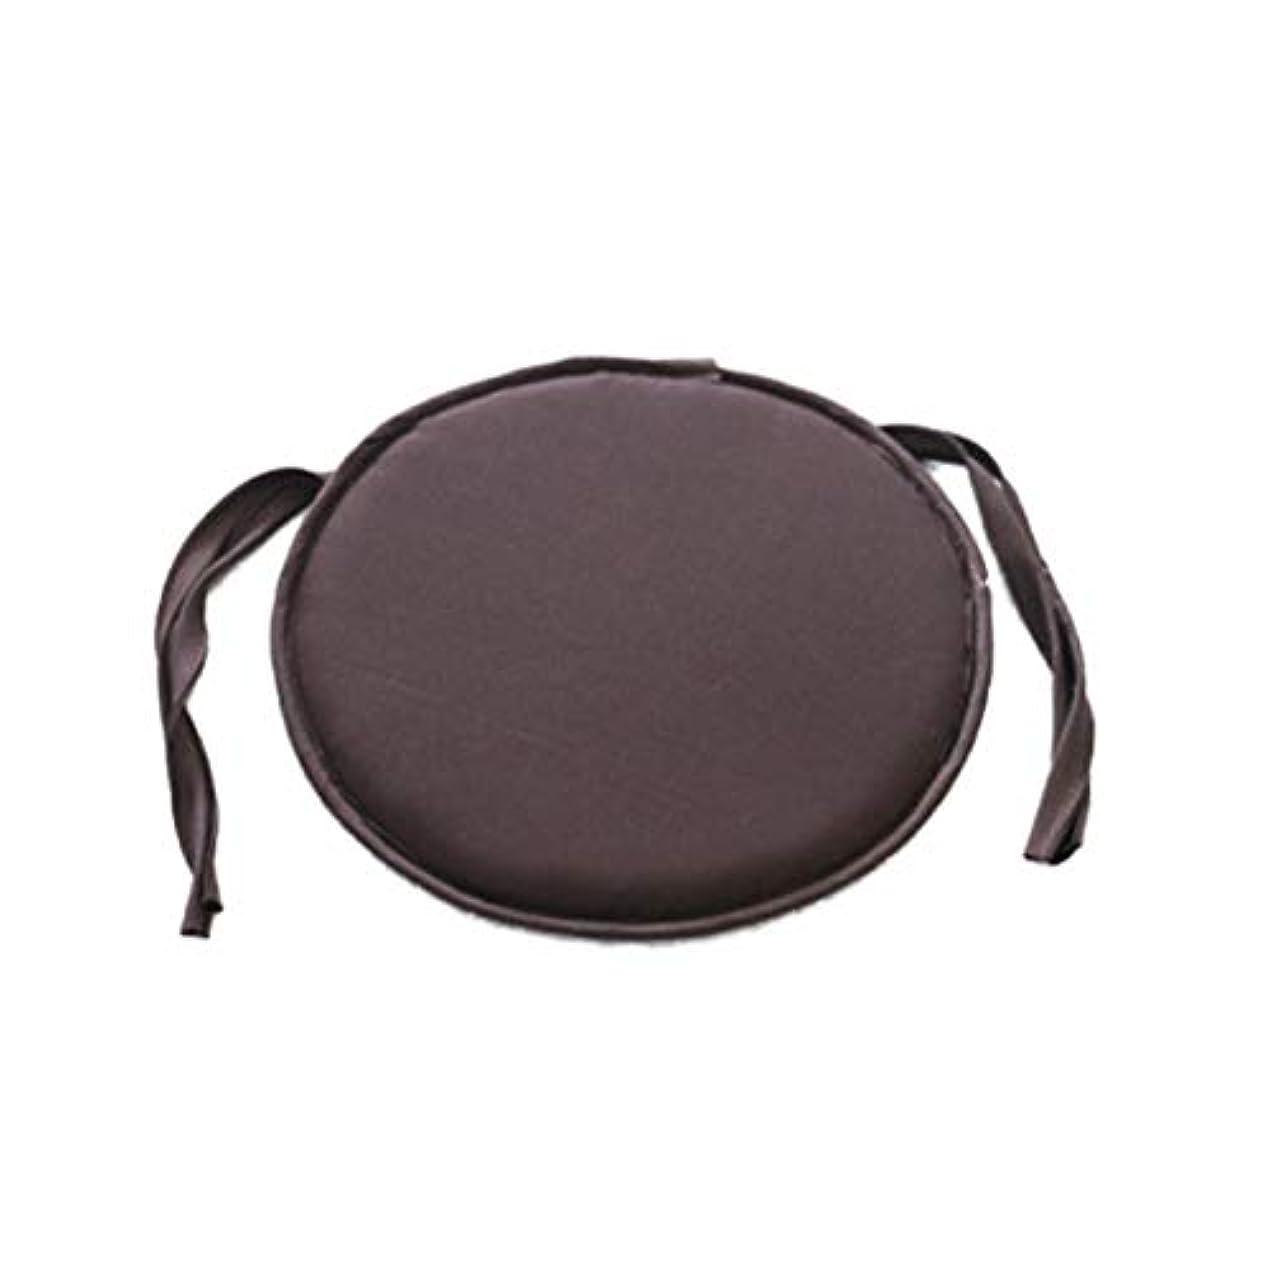 お父さん陽気な租界LIFE ホット販売ラウンドチェアクッション屋内ポップパティオオフィスチェアシートパッドネクタイスクエアガーデンキッチンダイニングクッション クッション 椅子